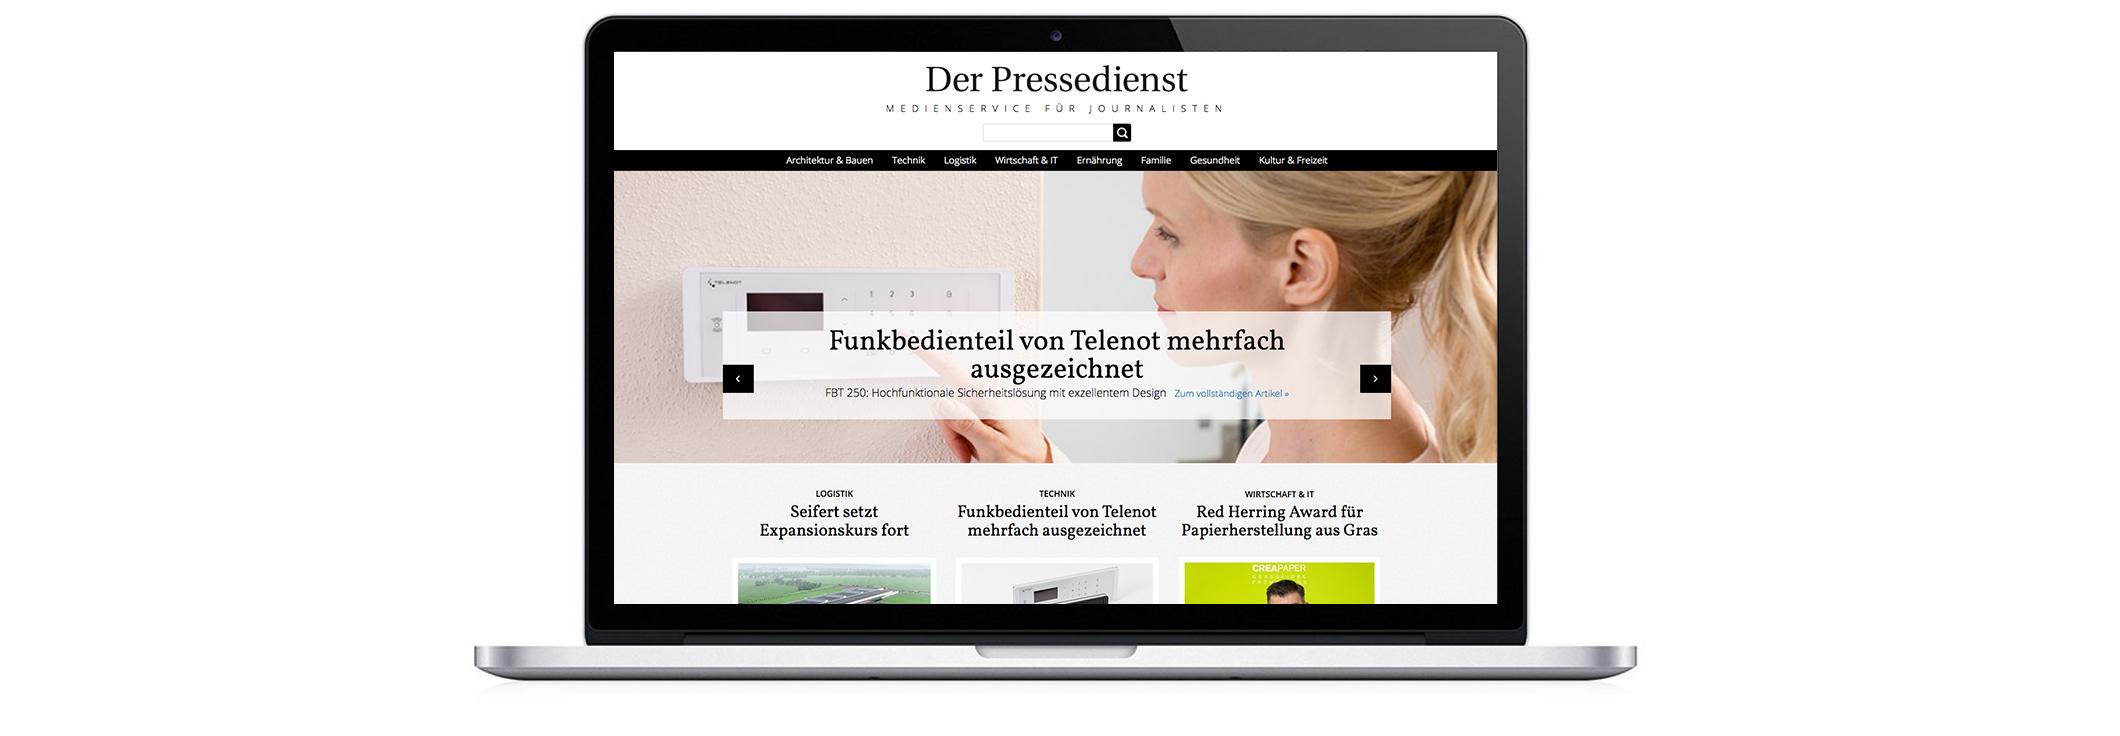 Header_Unterseiten_Der-Pressedienst_2120x736